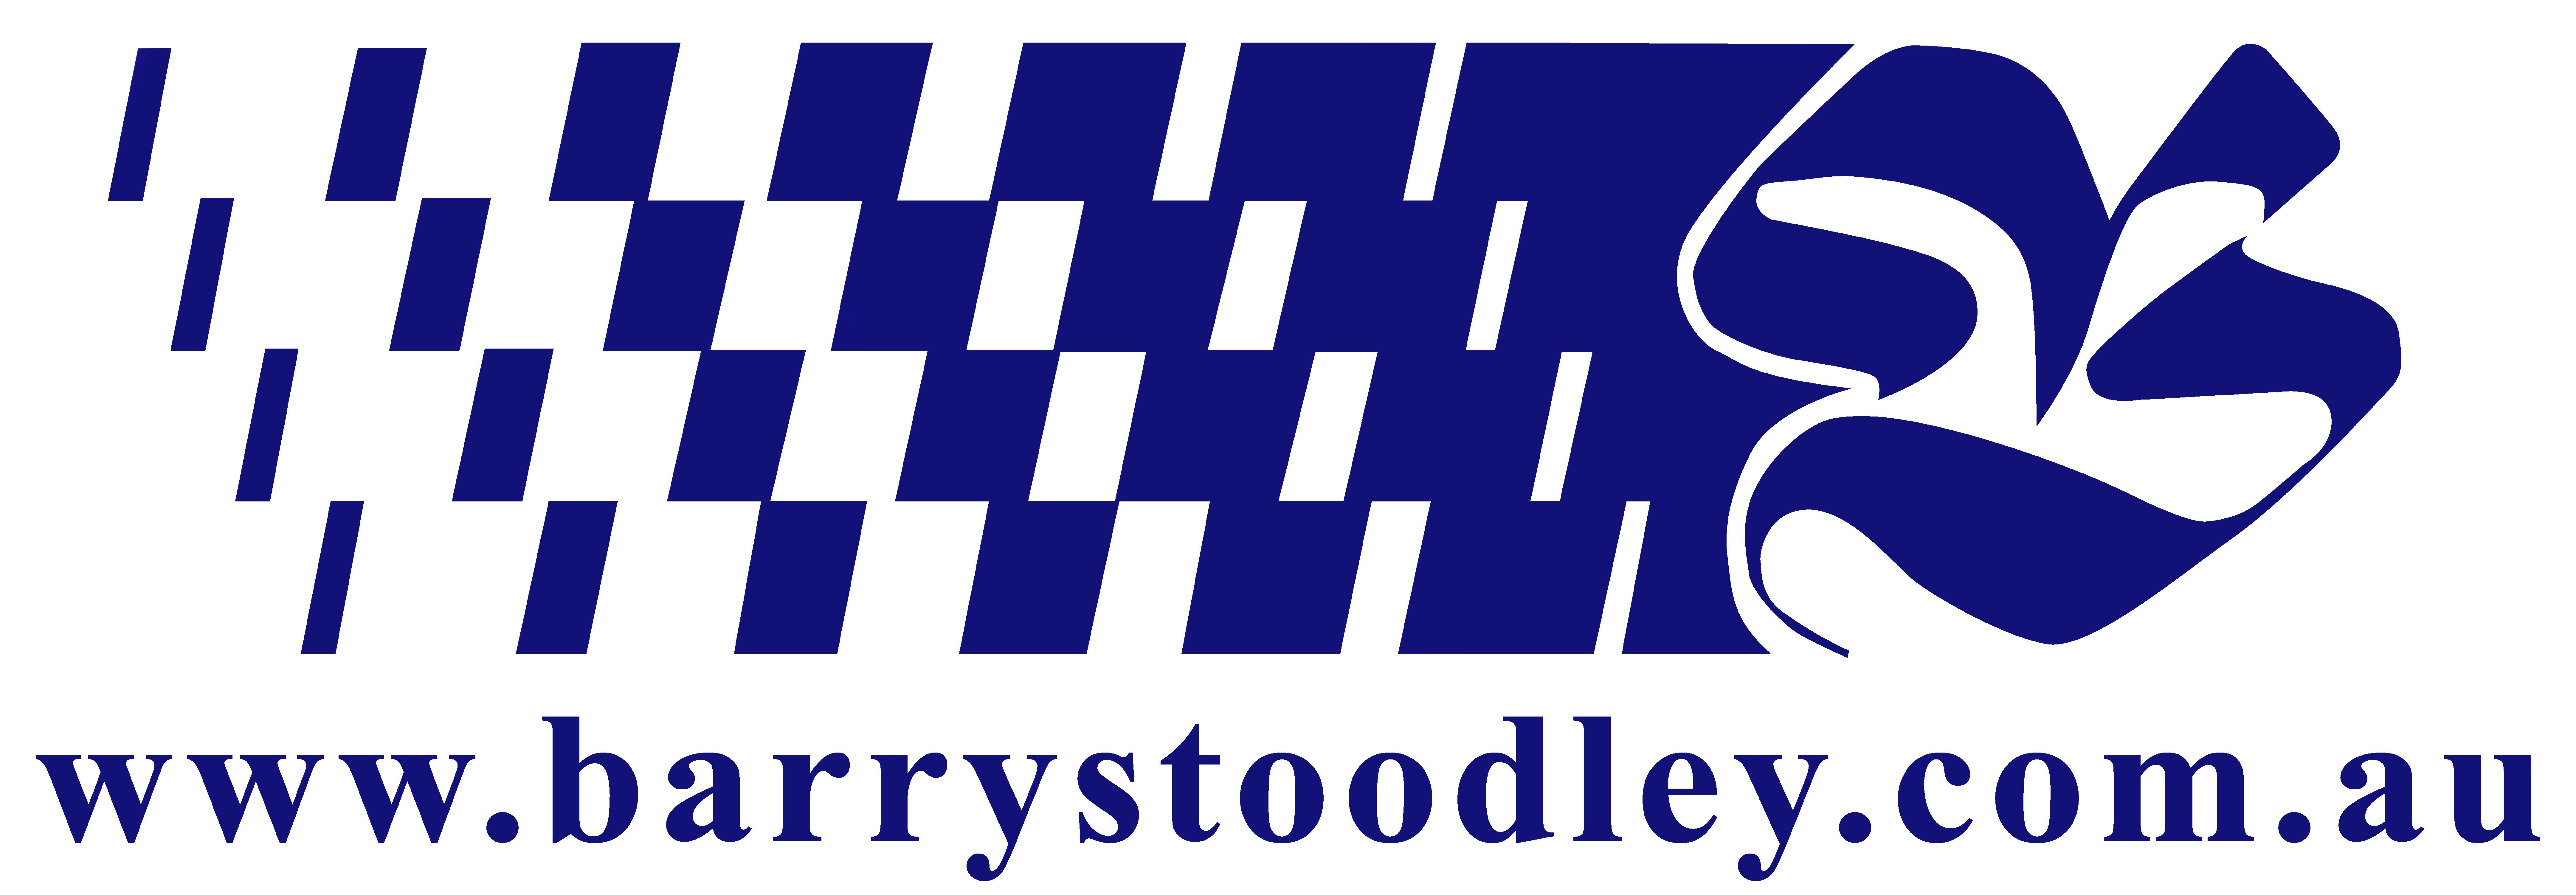 Barry Stoodley Pty Ltd